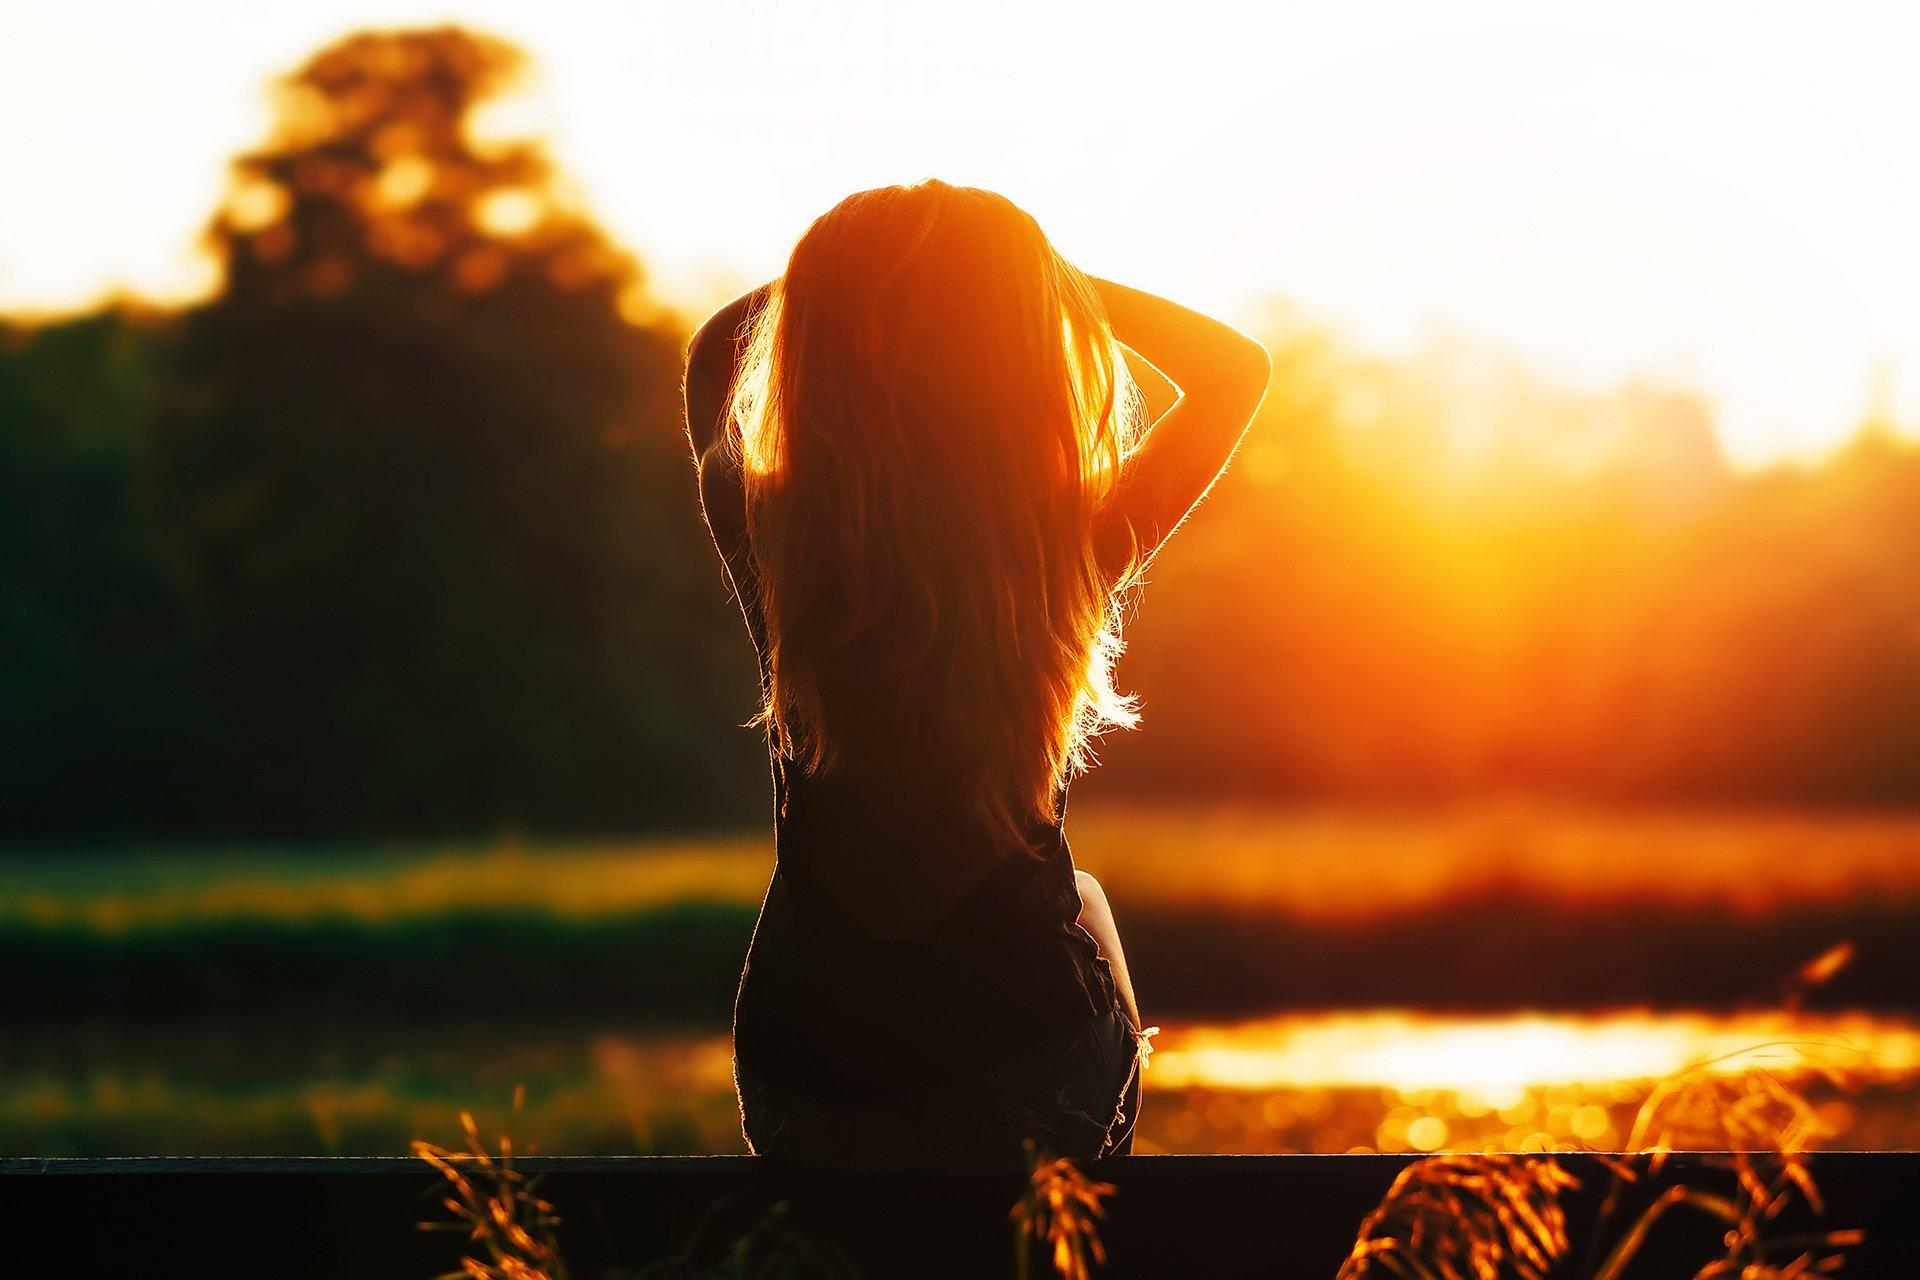 Фото красивых девушек в лучах солнца, Девушка в лучах солнца Girl in the sun Похожие фото 19 фотография